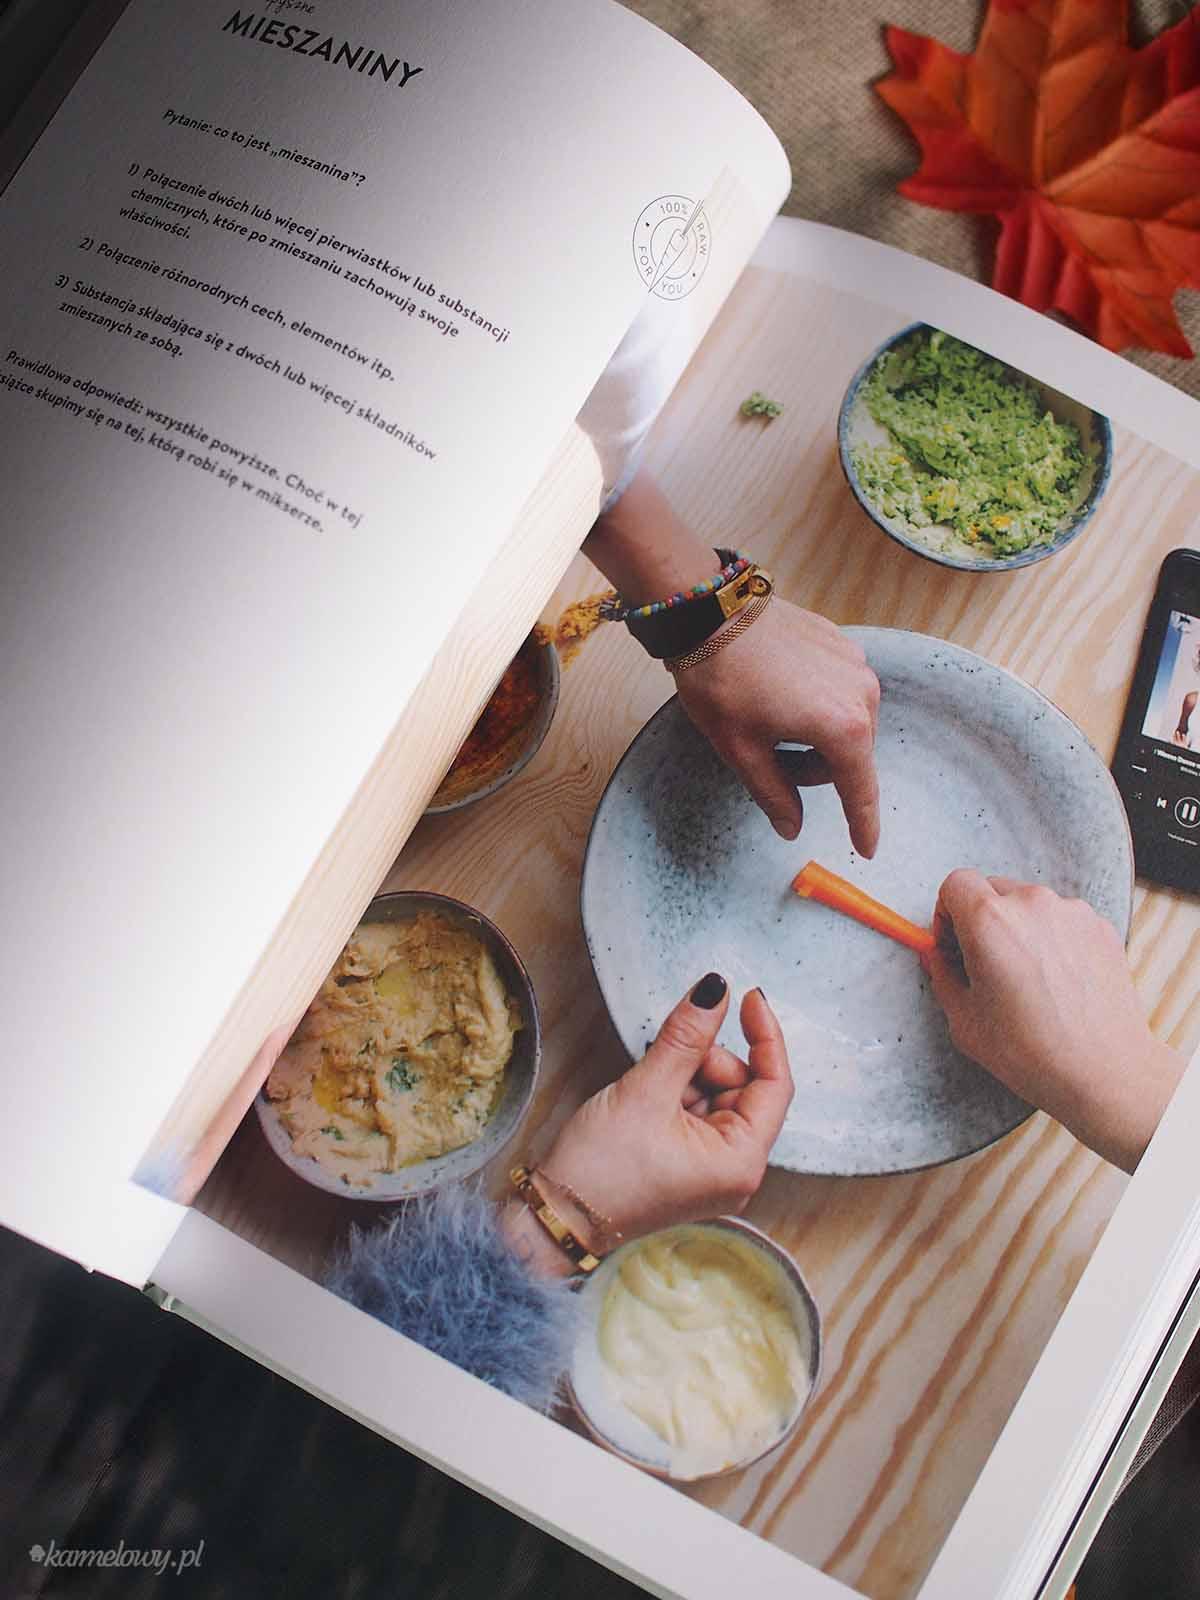 Jeżeli chcesz dowiedzieć się jak kompleksowo uszczęśliwić swoje jelita, jest to książka dla Ciebie:)